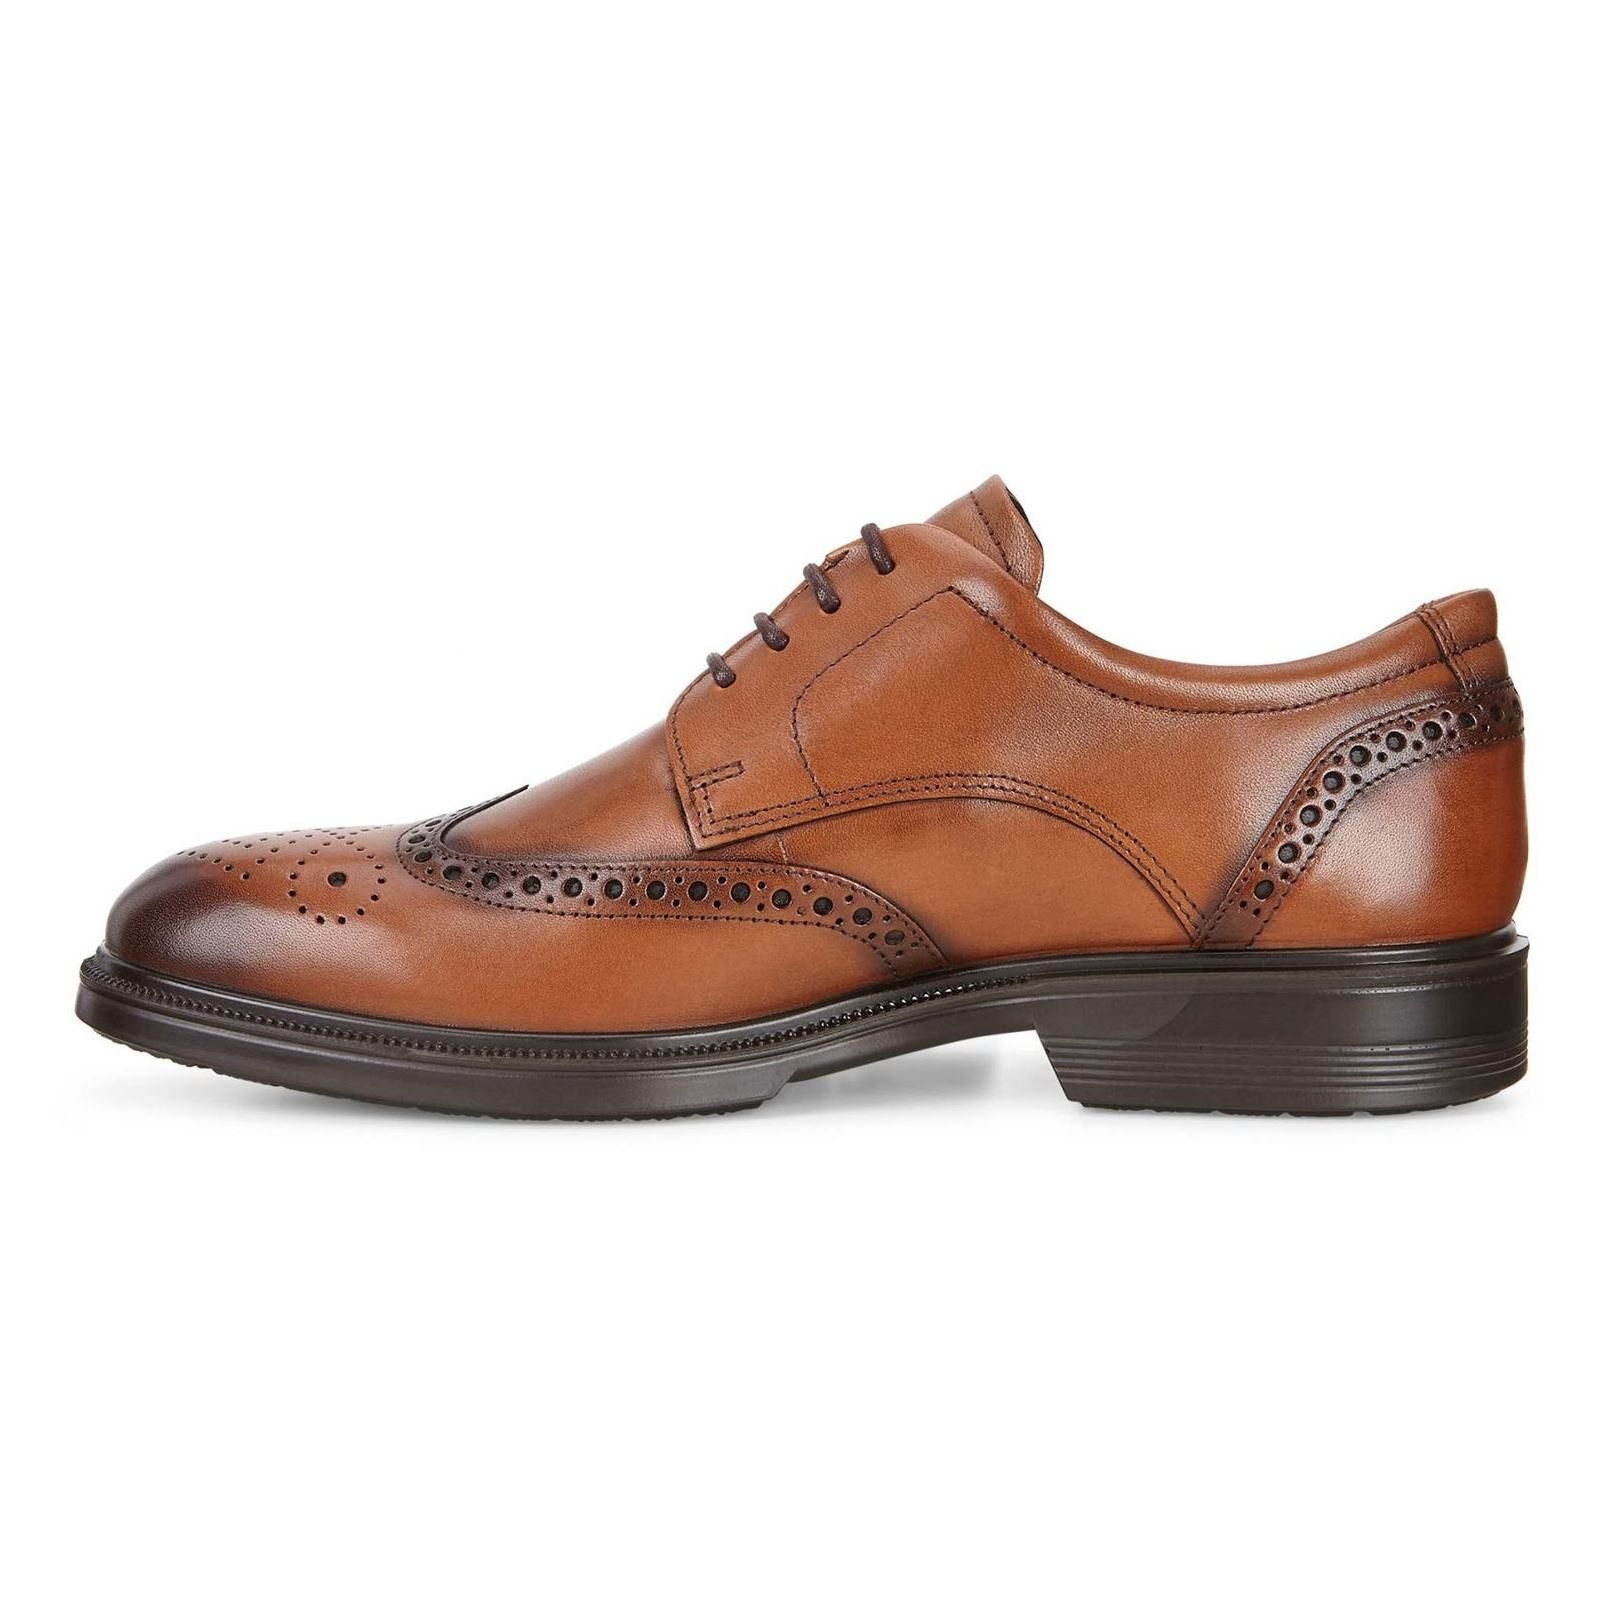 کفش رسمی چرم مردانه Lisbon - اکو - قهوه اي  - 2